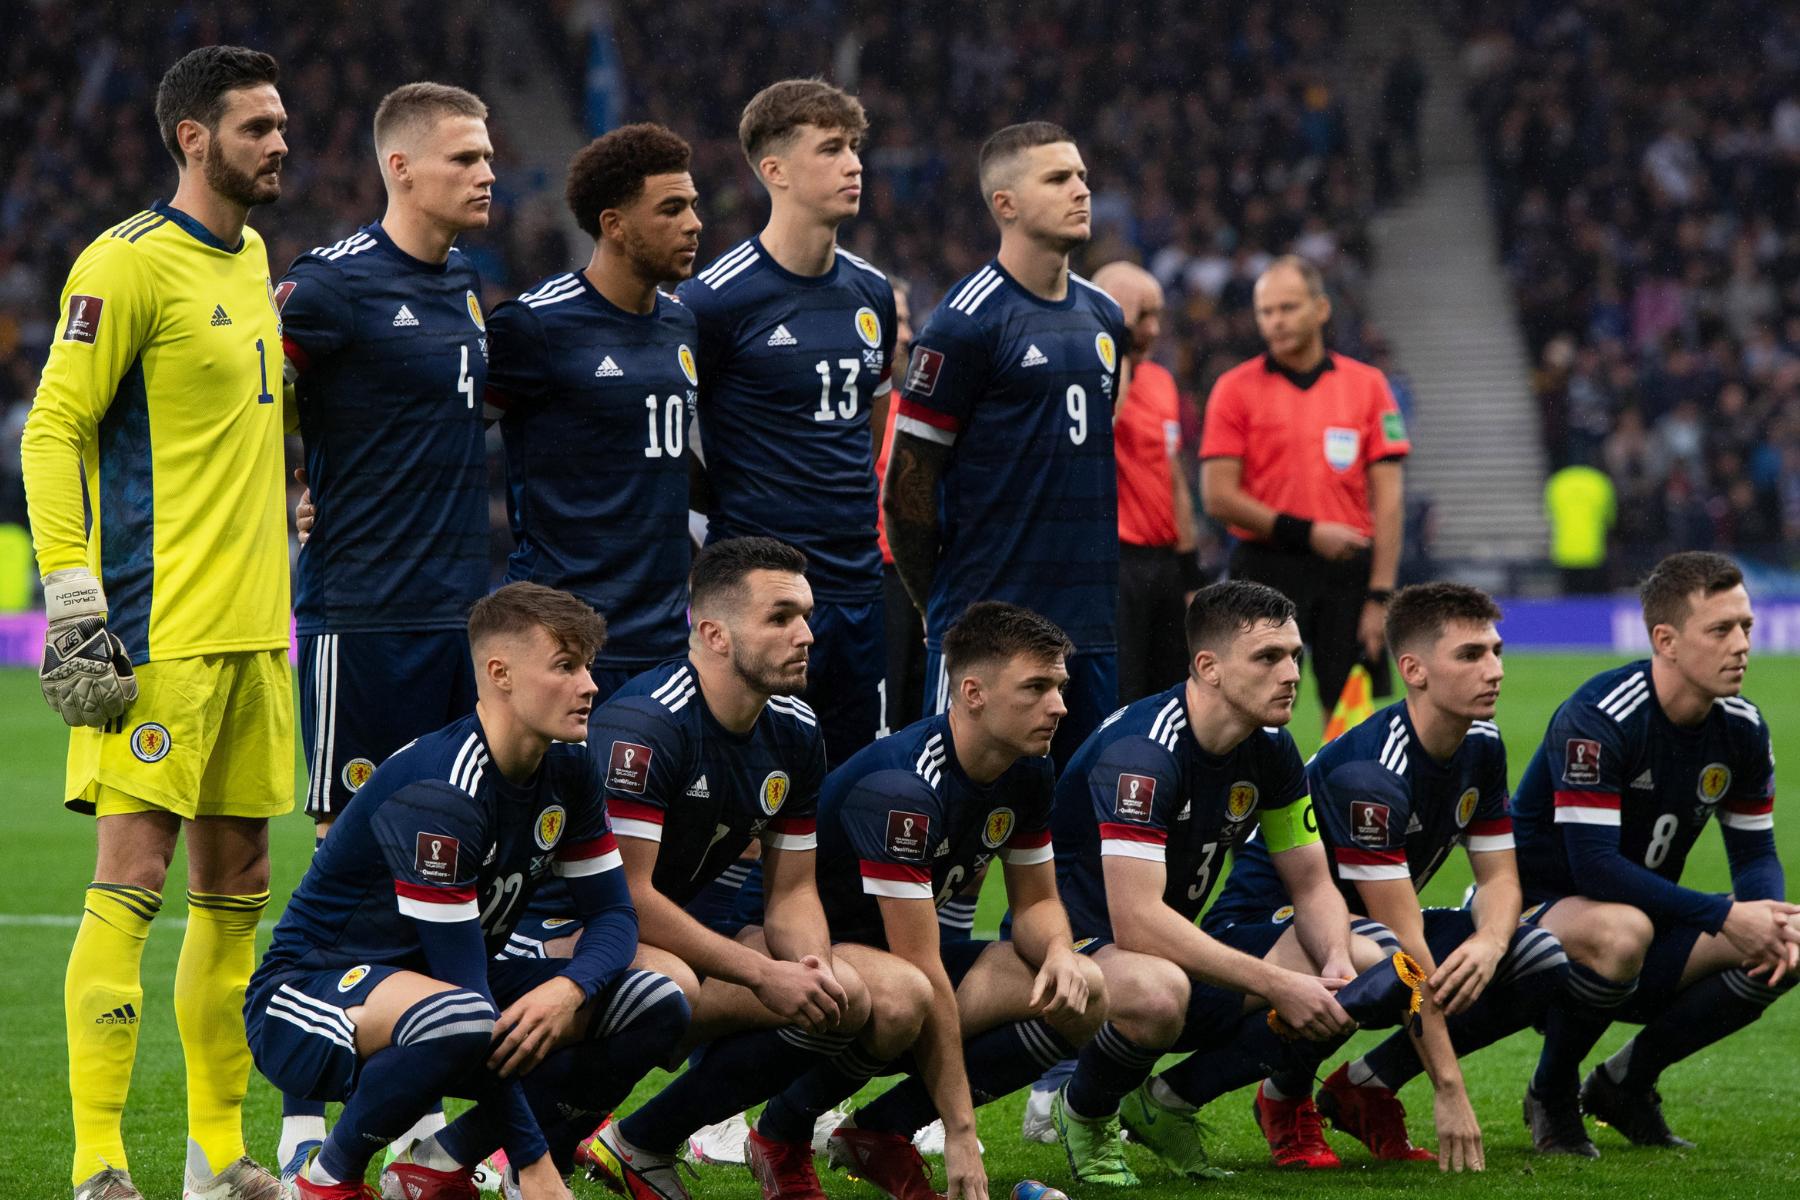 Noticias del equipo escocés para el choque clasificatorio de las Islas Feroe reveladas